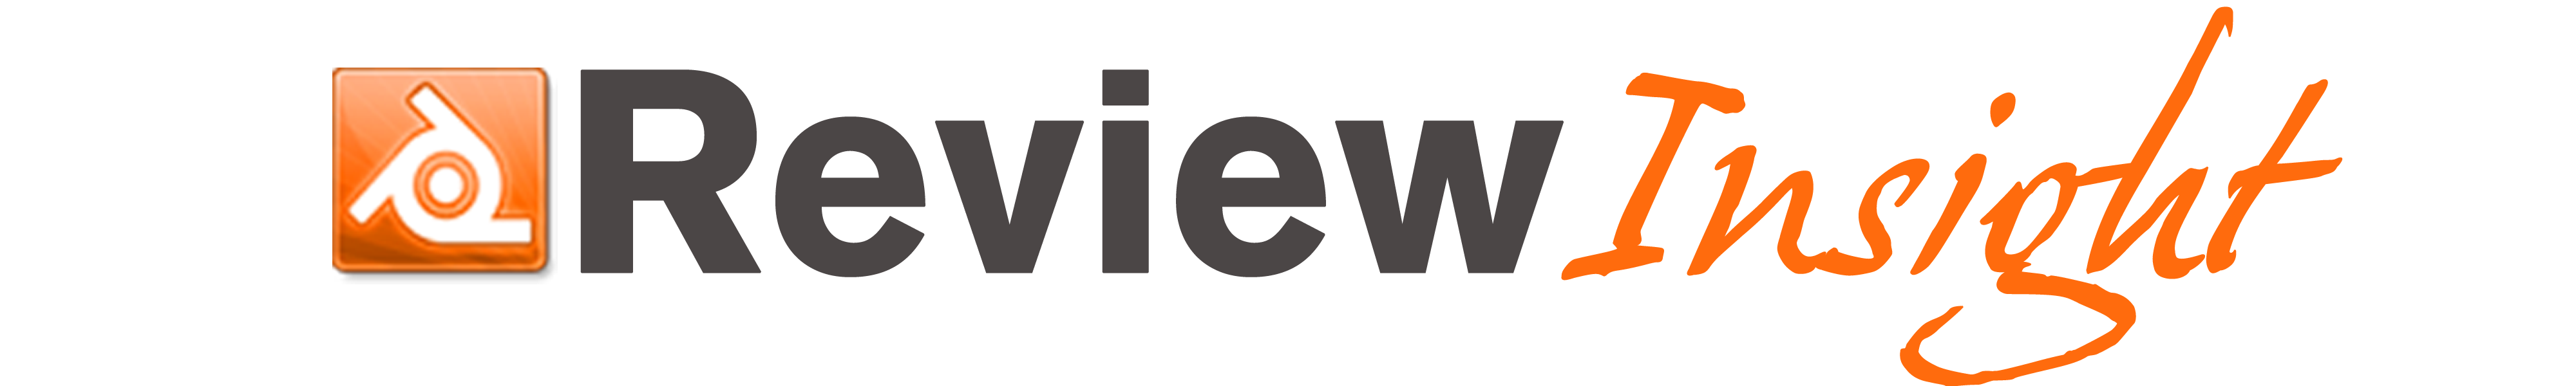 ReviewInsight_Logo